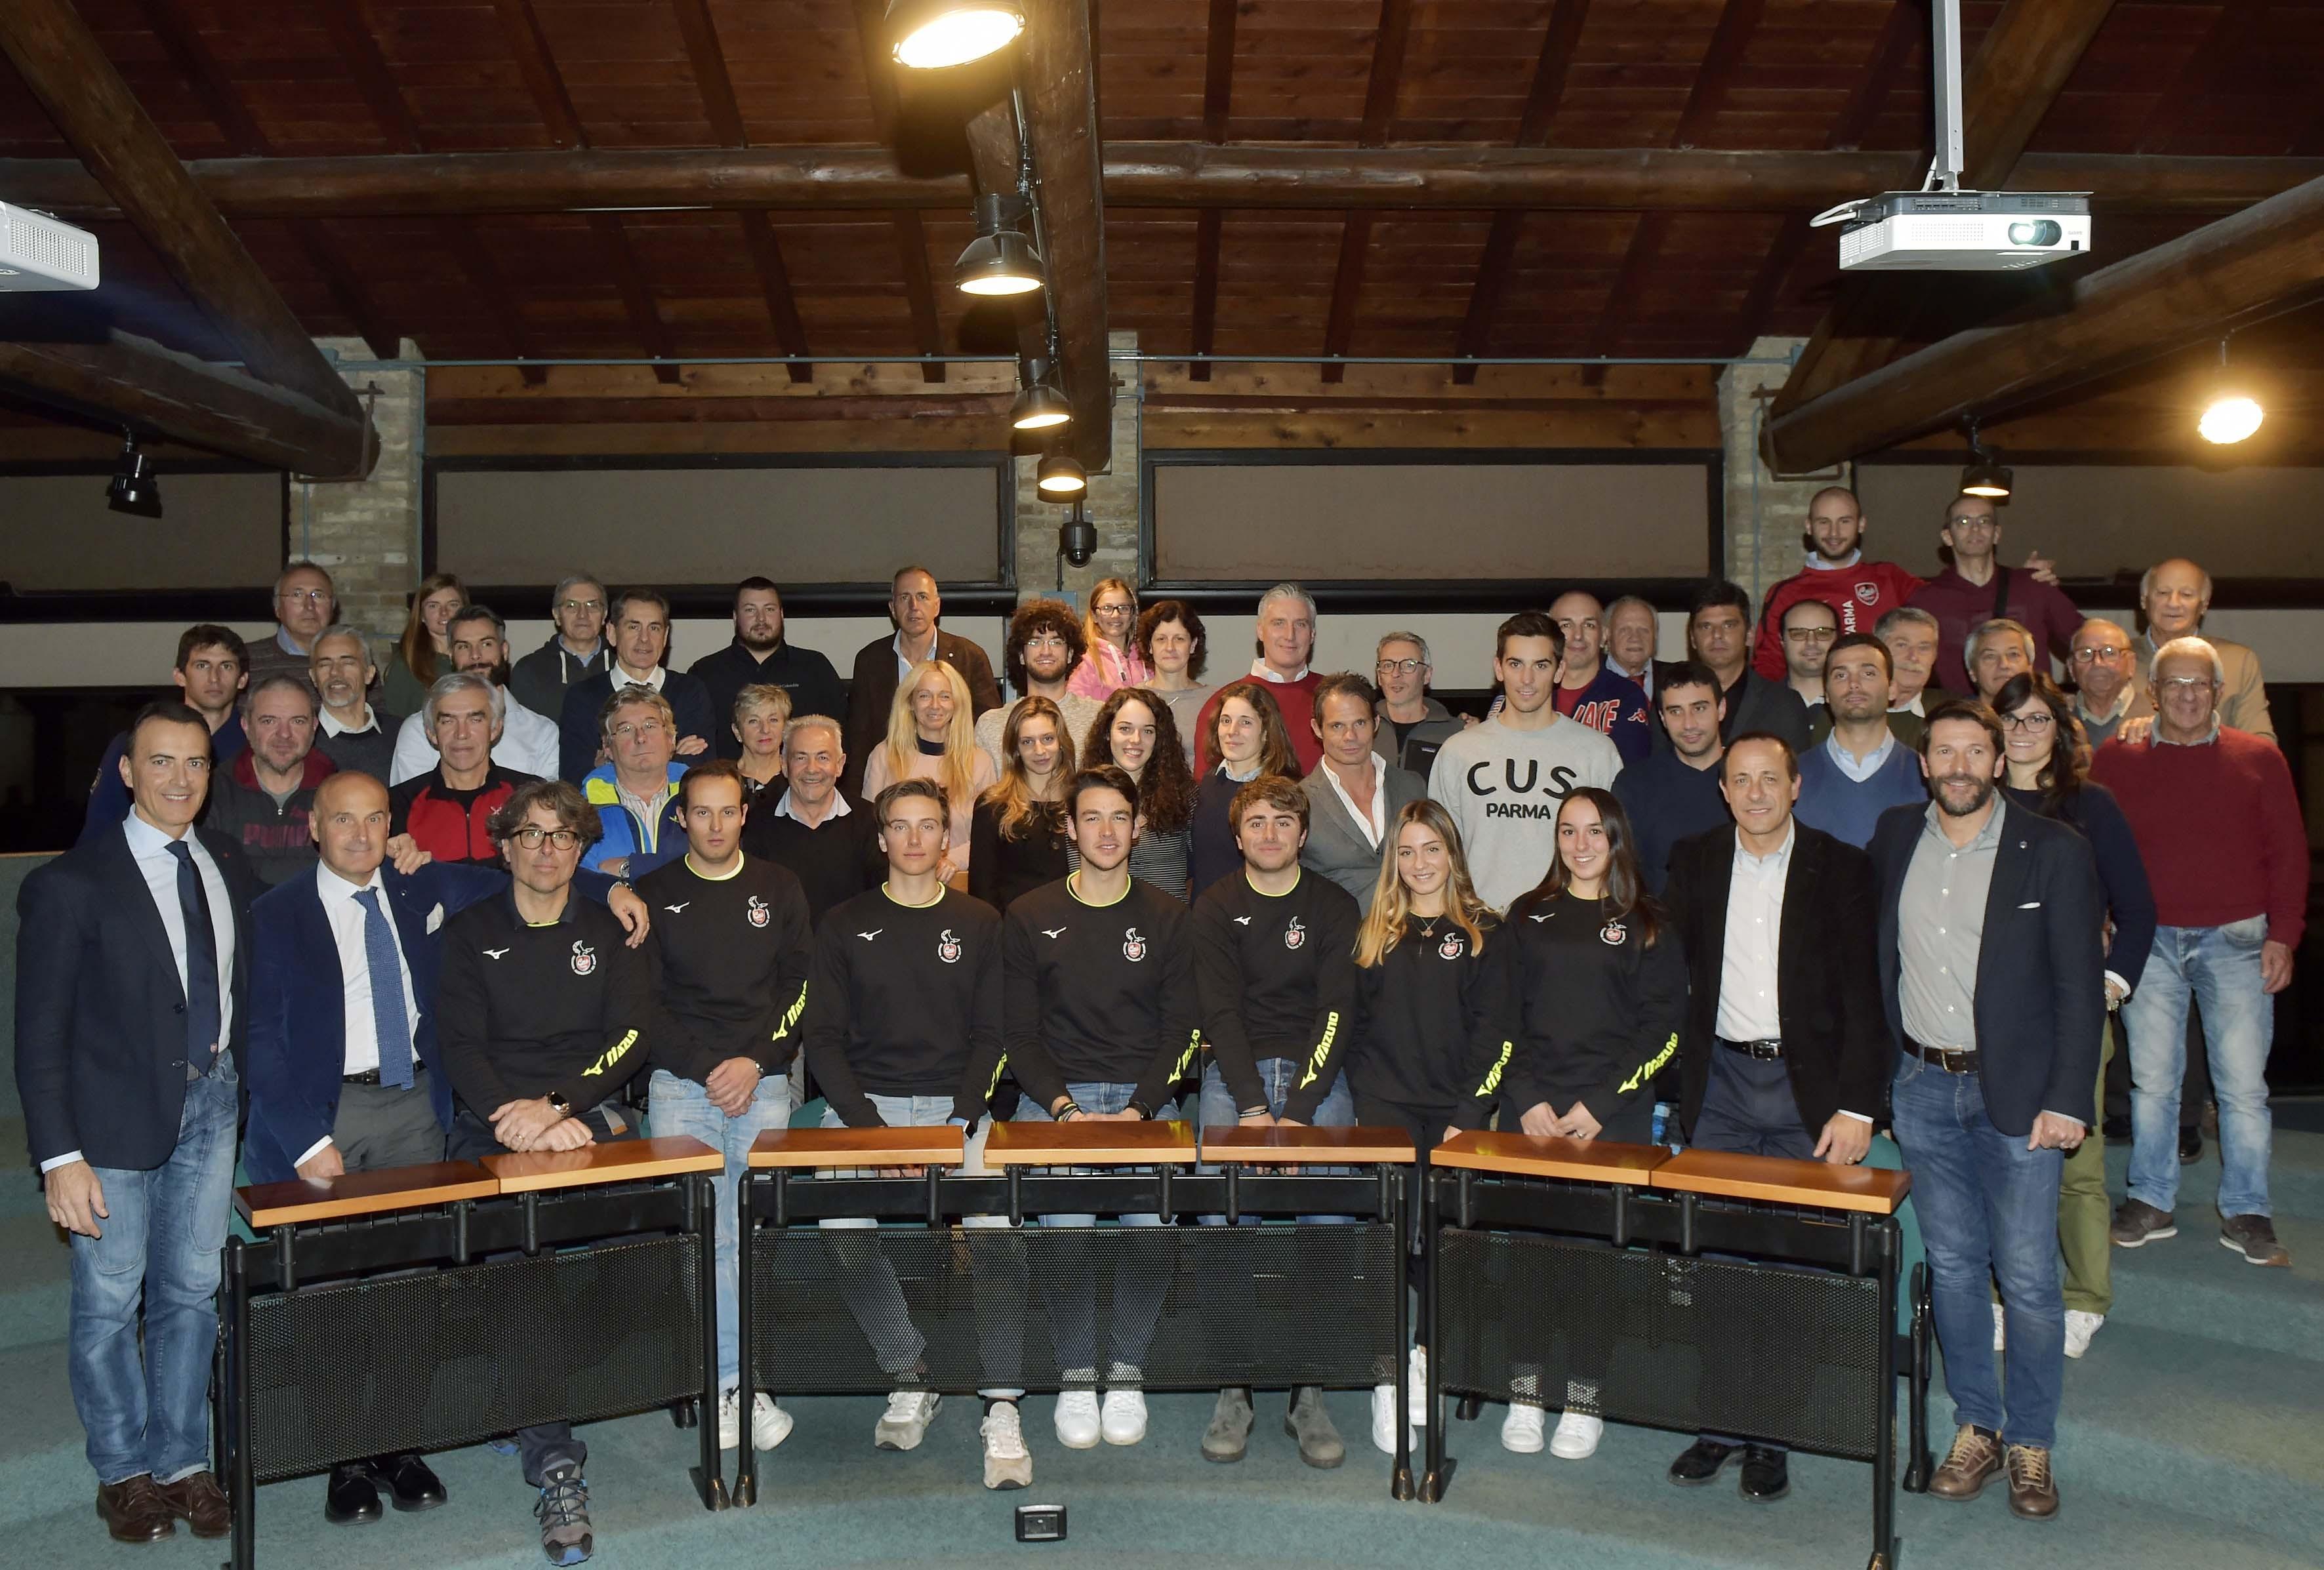 Calendario 2019 Ottobre Más Reciente Sport Invernali – Cus Parma A S D Of Calendario 2019 Ottobre Más Actual Capodanno 2017 A Siena Piazza Del Campo